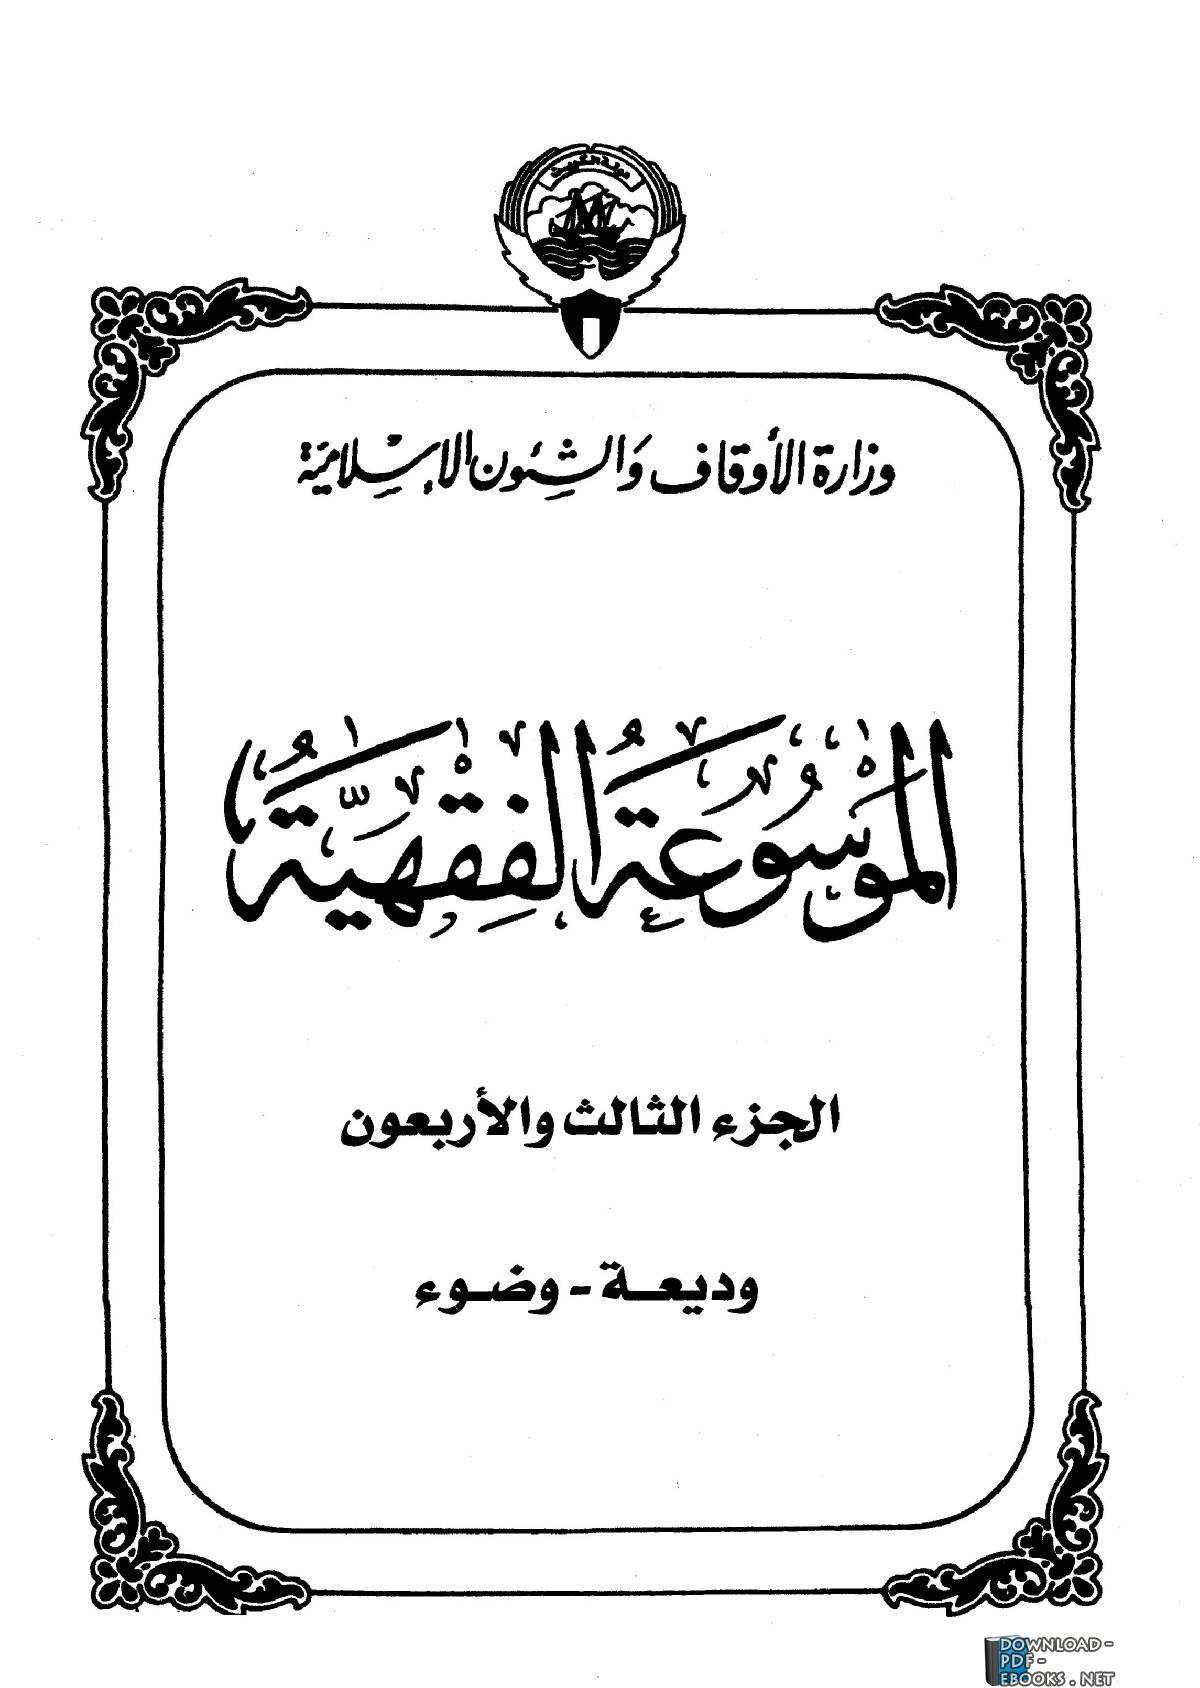 الموسوعة الفقهية الكويتية Pdf